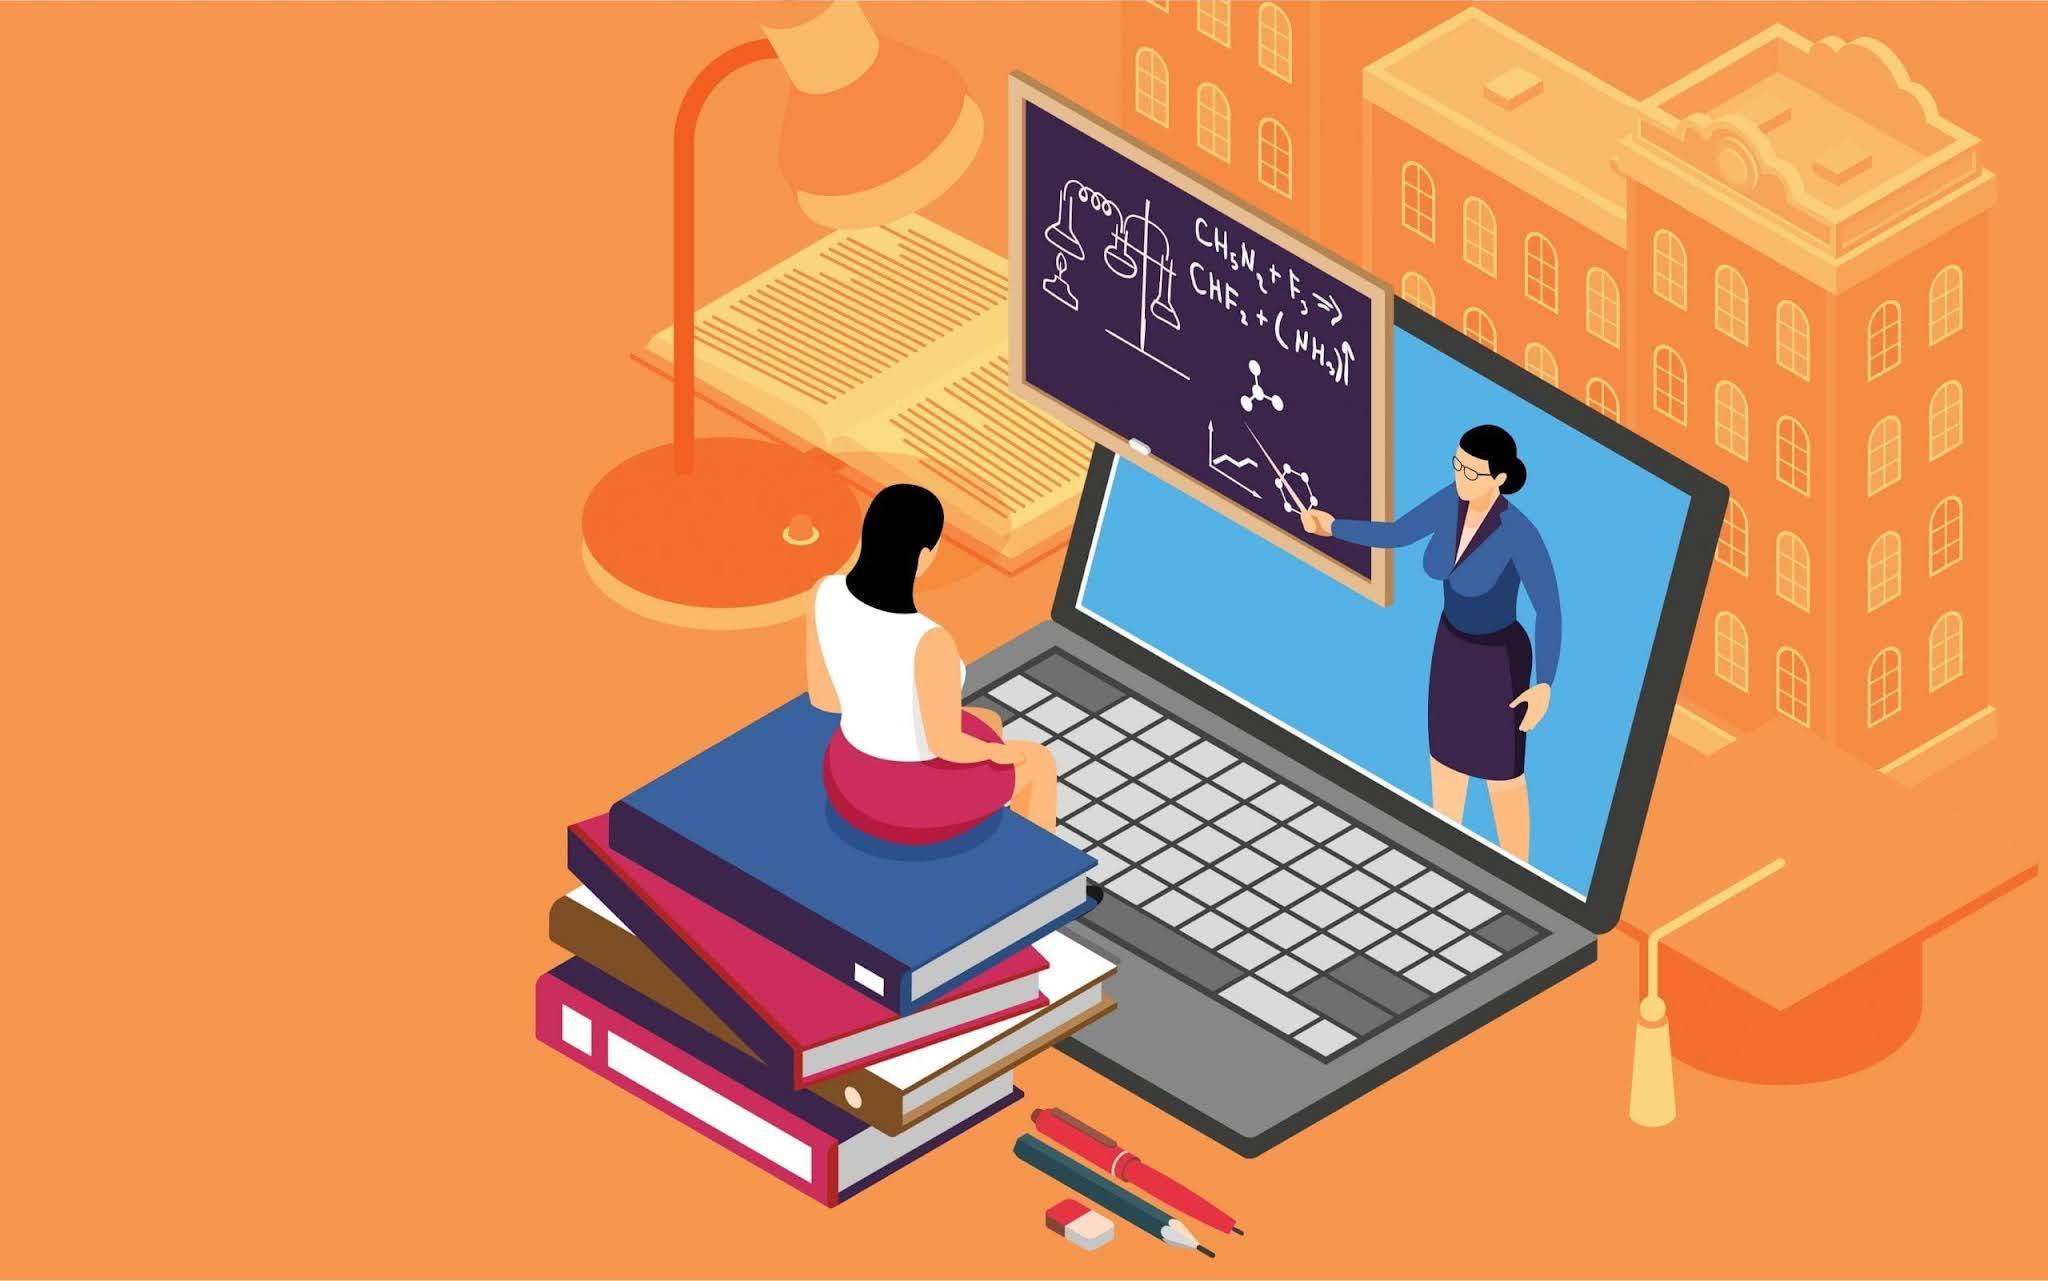 क्या विश्वविद्यालय के छात्र महामारी के बाद, ऑनलाइन अधिक पड़ना चाहते हैं ?